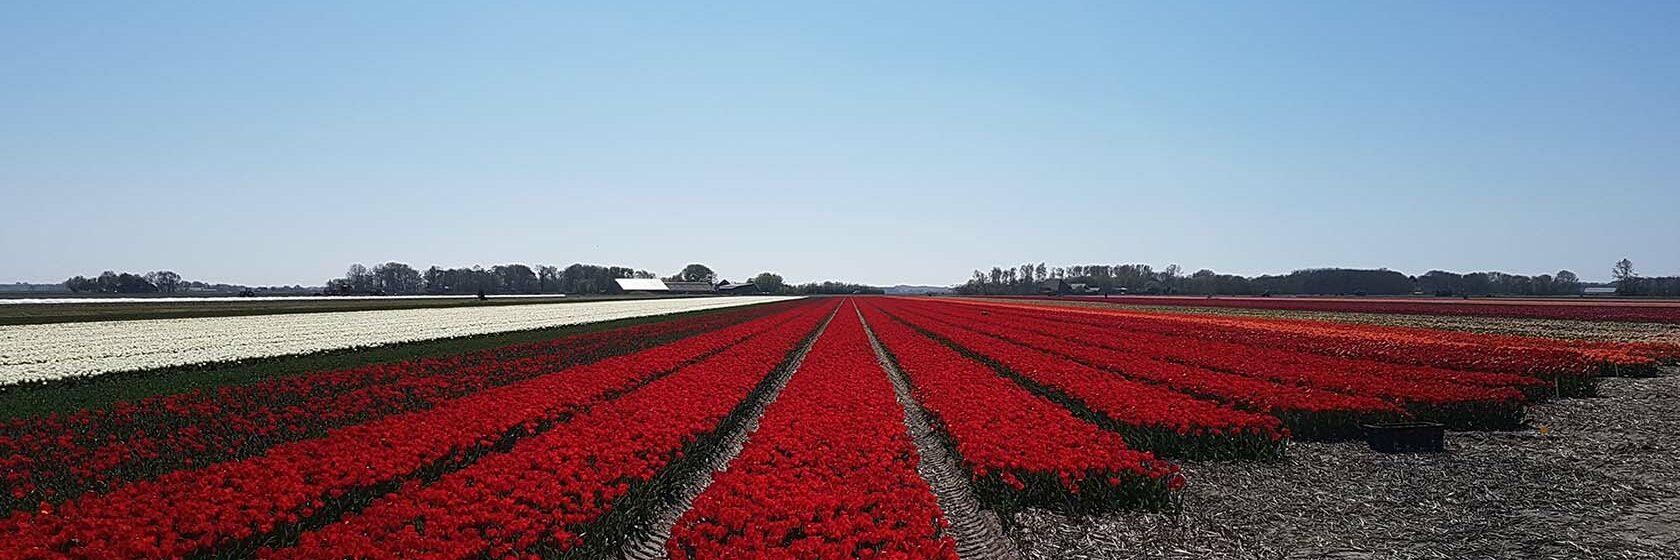 Bollenveld met rode bloemen